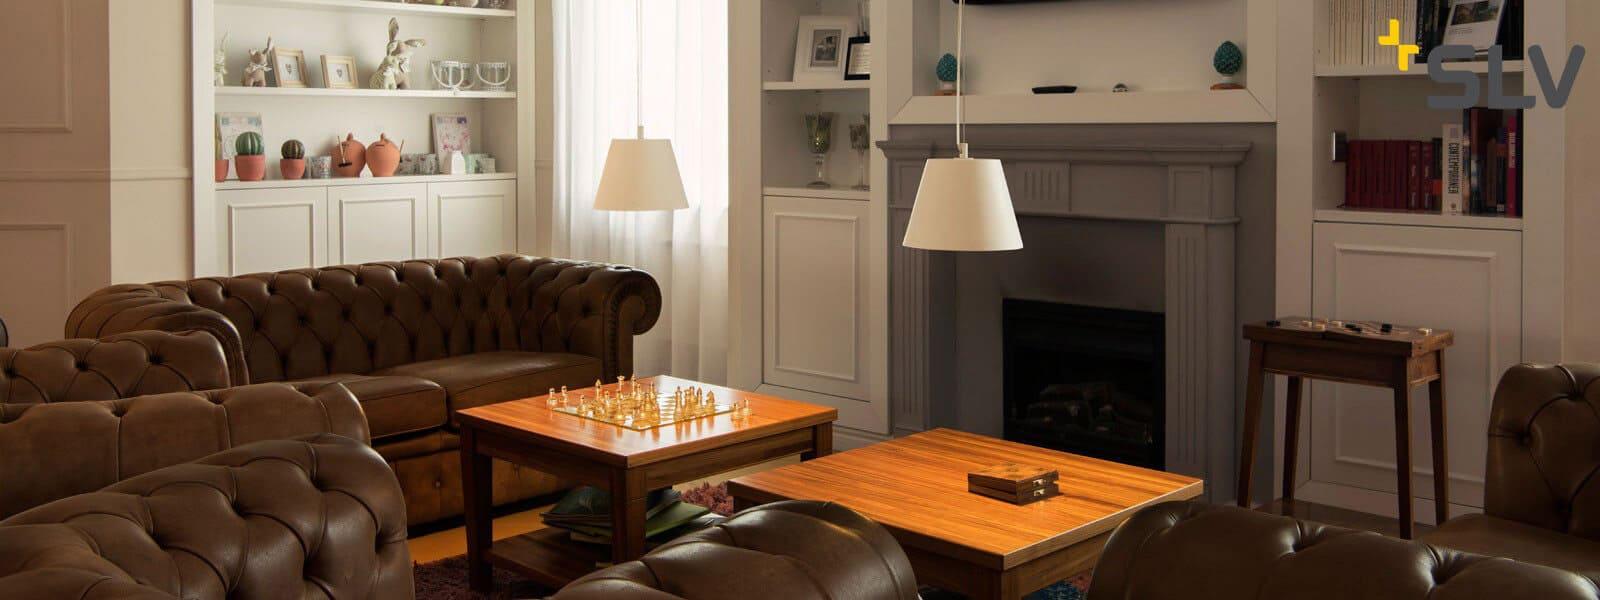 Lichtplan maken voor een woning (Hulp bij verlichting)